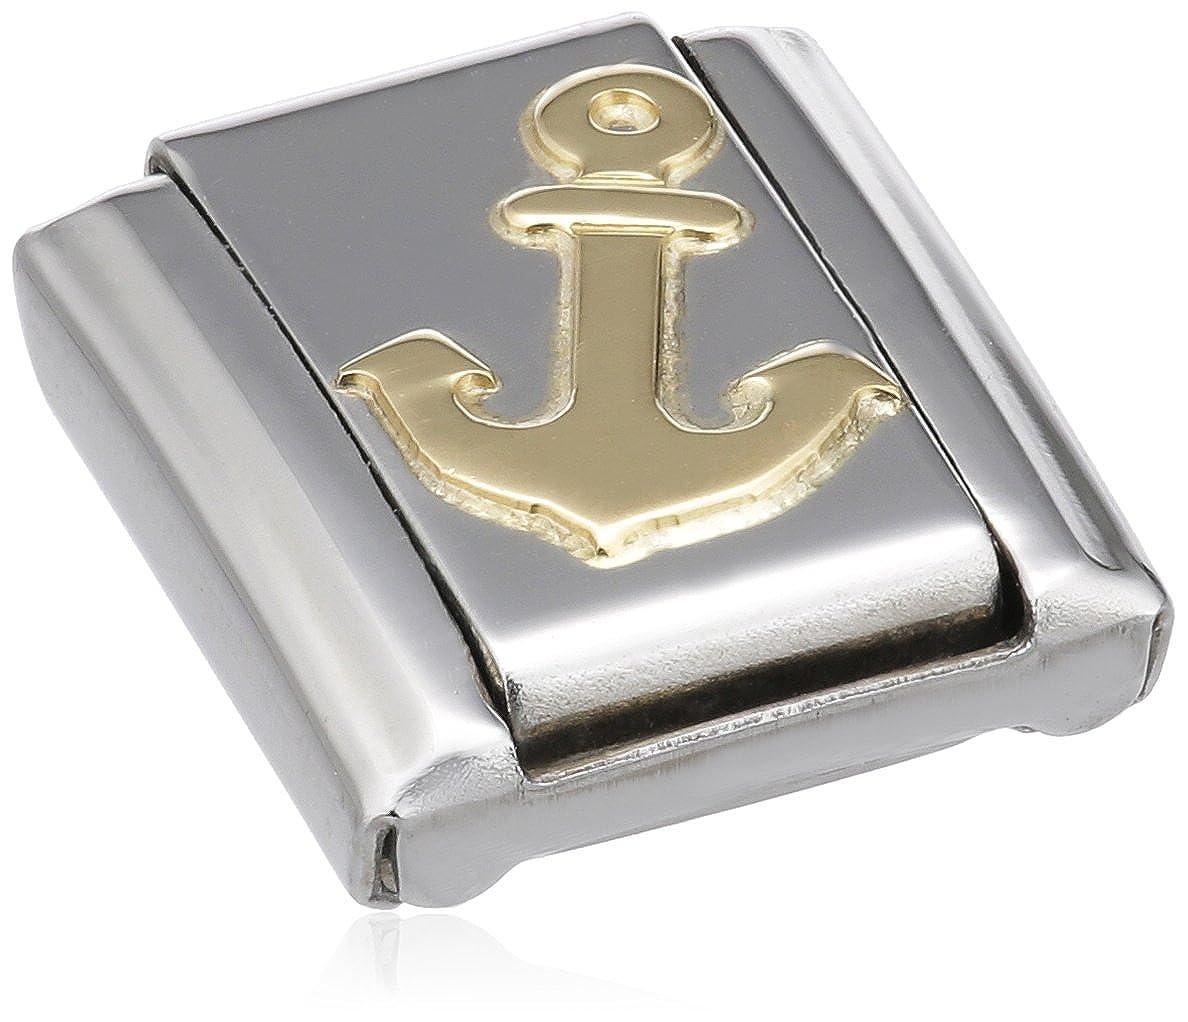 Nomination 030106 - Maillon pour bracelet composable - Femme - Acier inoxydable et Or jaune 18 cts